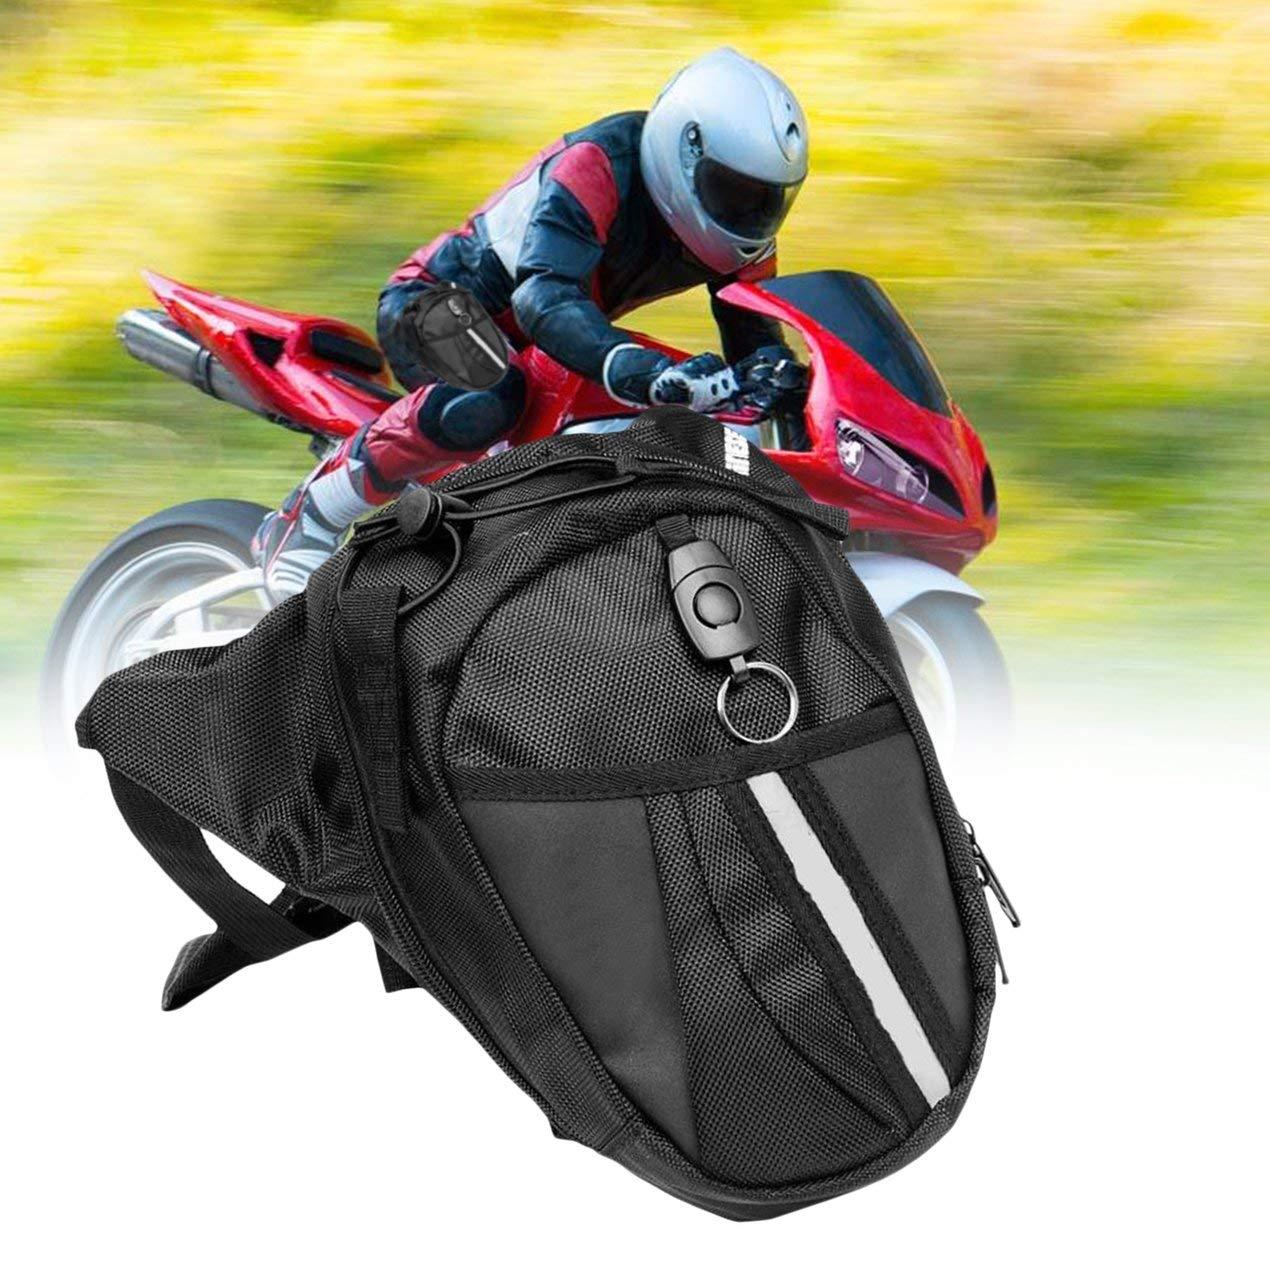 Multifonctions Voyage pour Le Camping de Cyclisme imperm/éable pour Moto Fanny Lot Dooret Sac de Jambe en Nylon